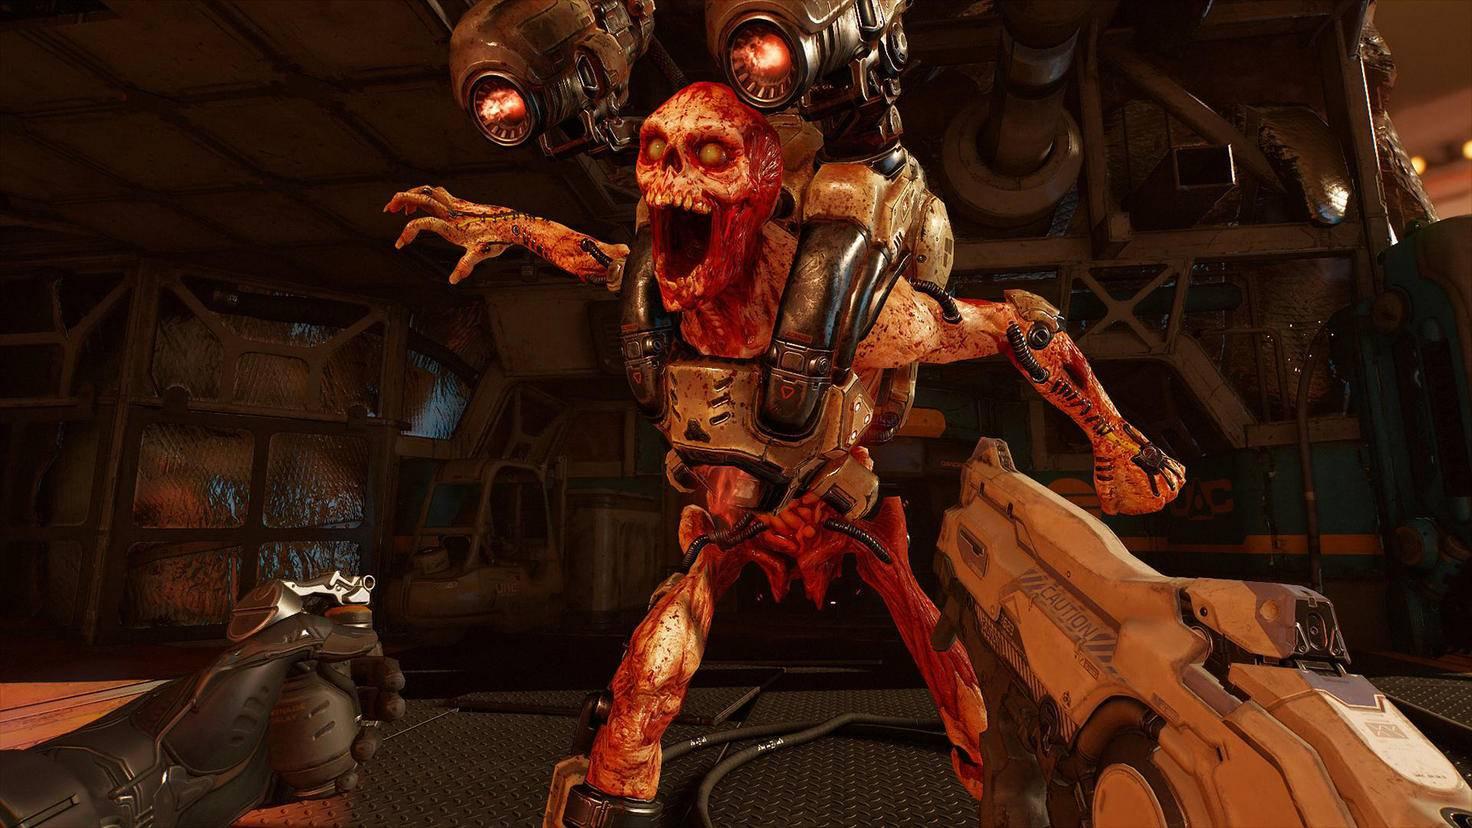 """Ganz knapp überlebt? In """"Doom"""" ist das kein Zufall, sondern Design."""